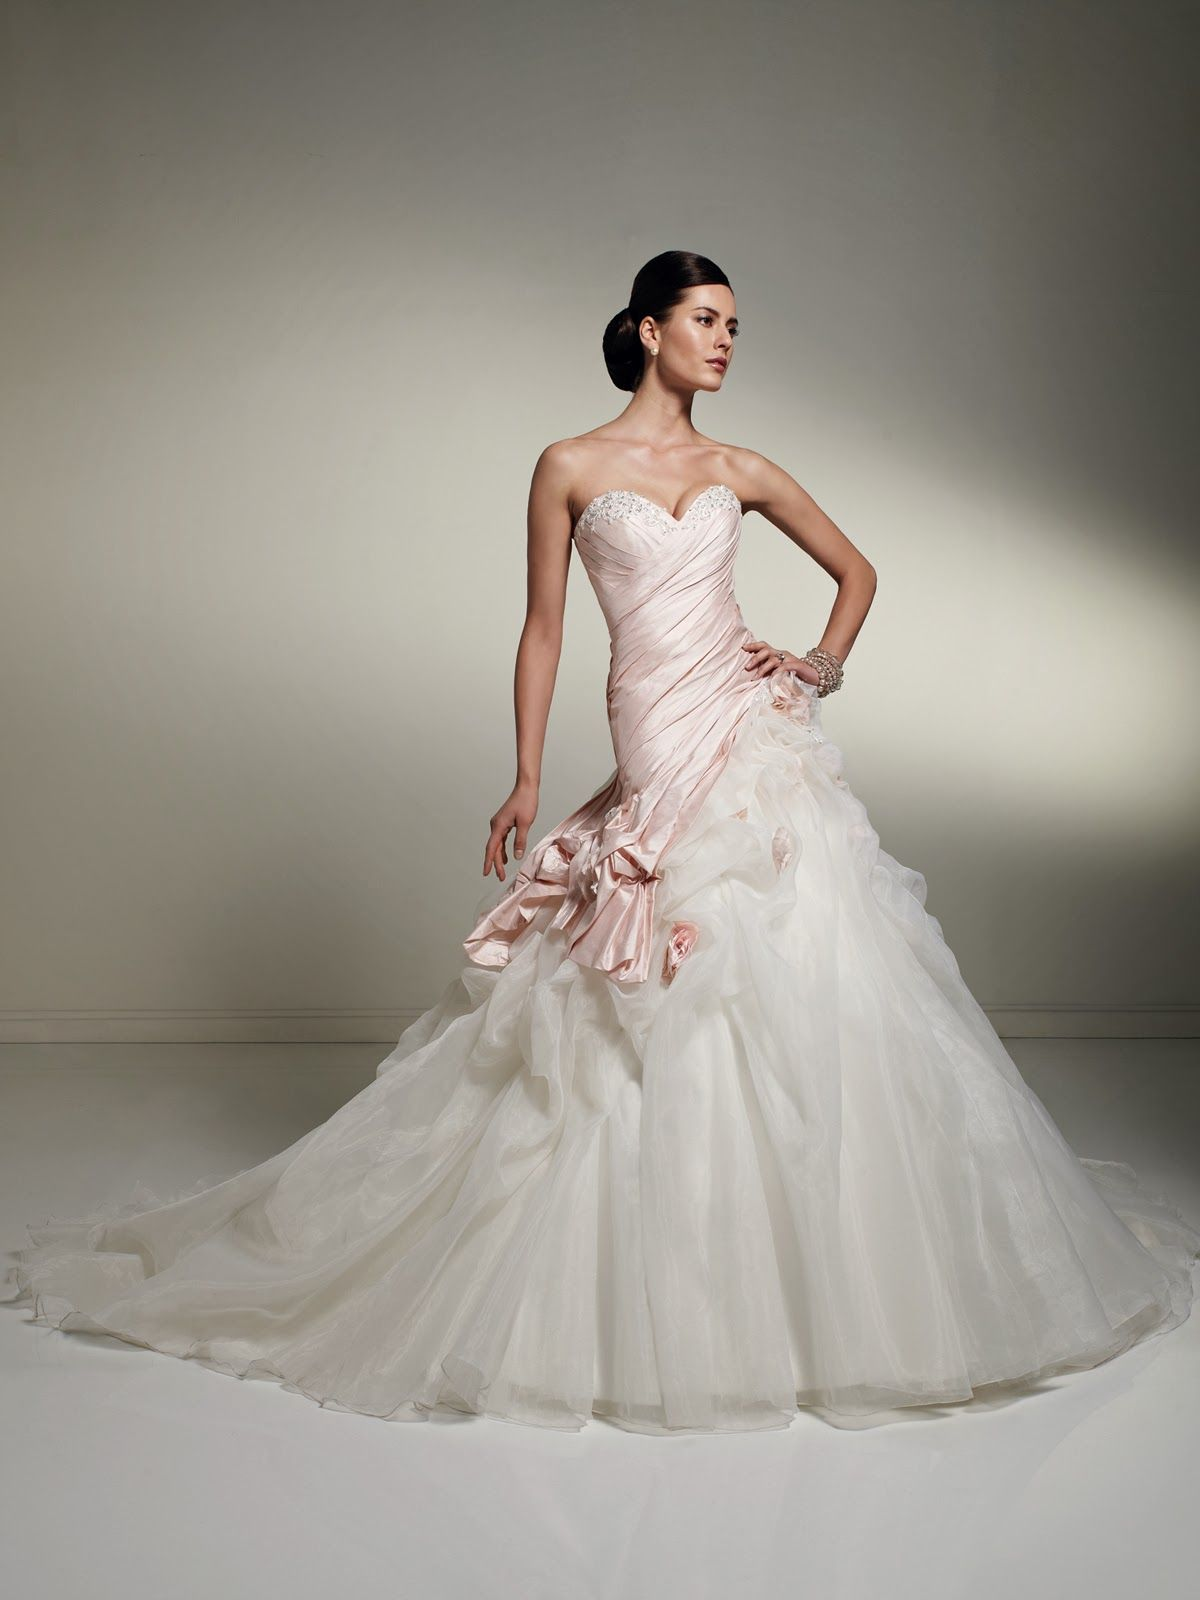 09cf432a23 Increibles vestidos de novia baratos y originales